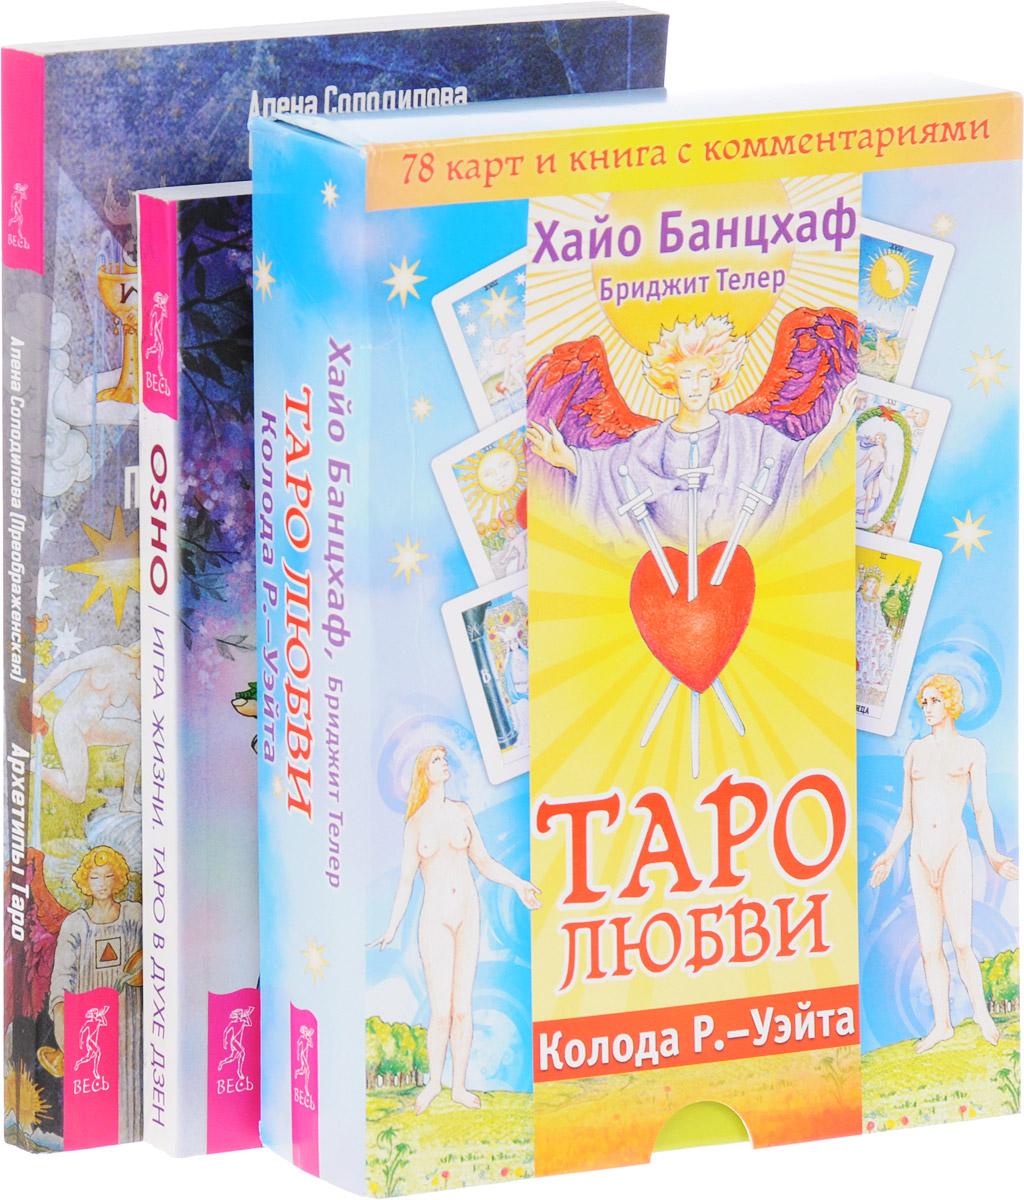 Ошо, Алена Солодилова (Преображенская), Хайо Банцхаф, Бриджит Телер Игра жизни. Архетипы Таро. Таро любви (комплект из 3 книг + 78 карт)